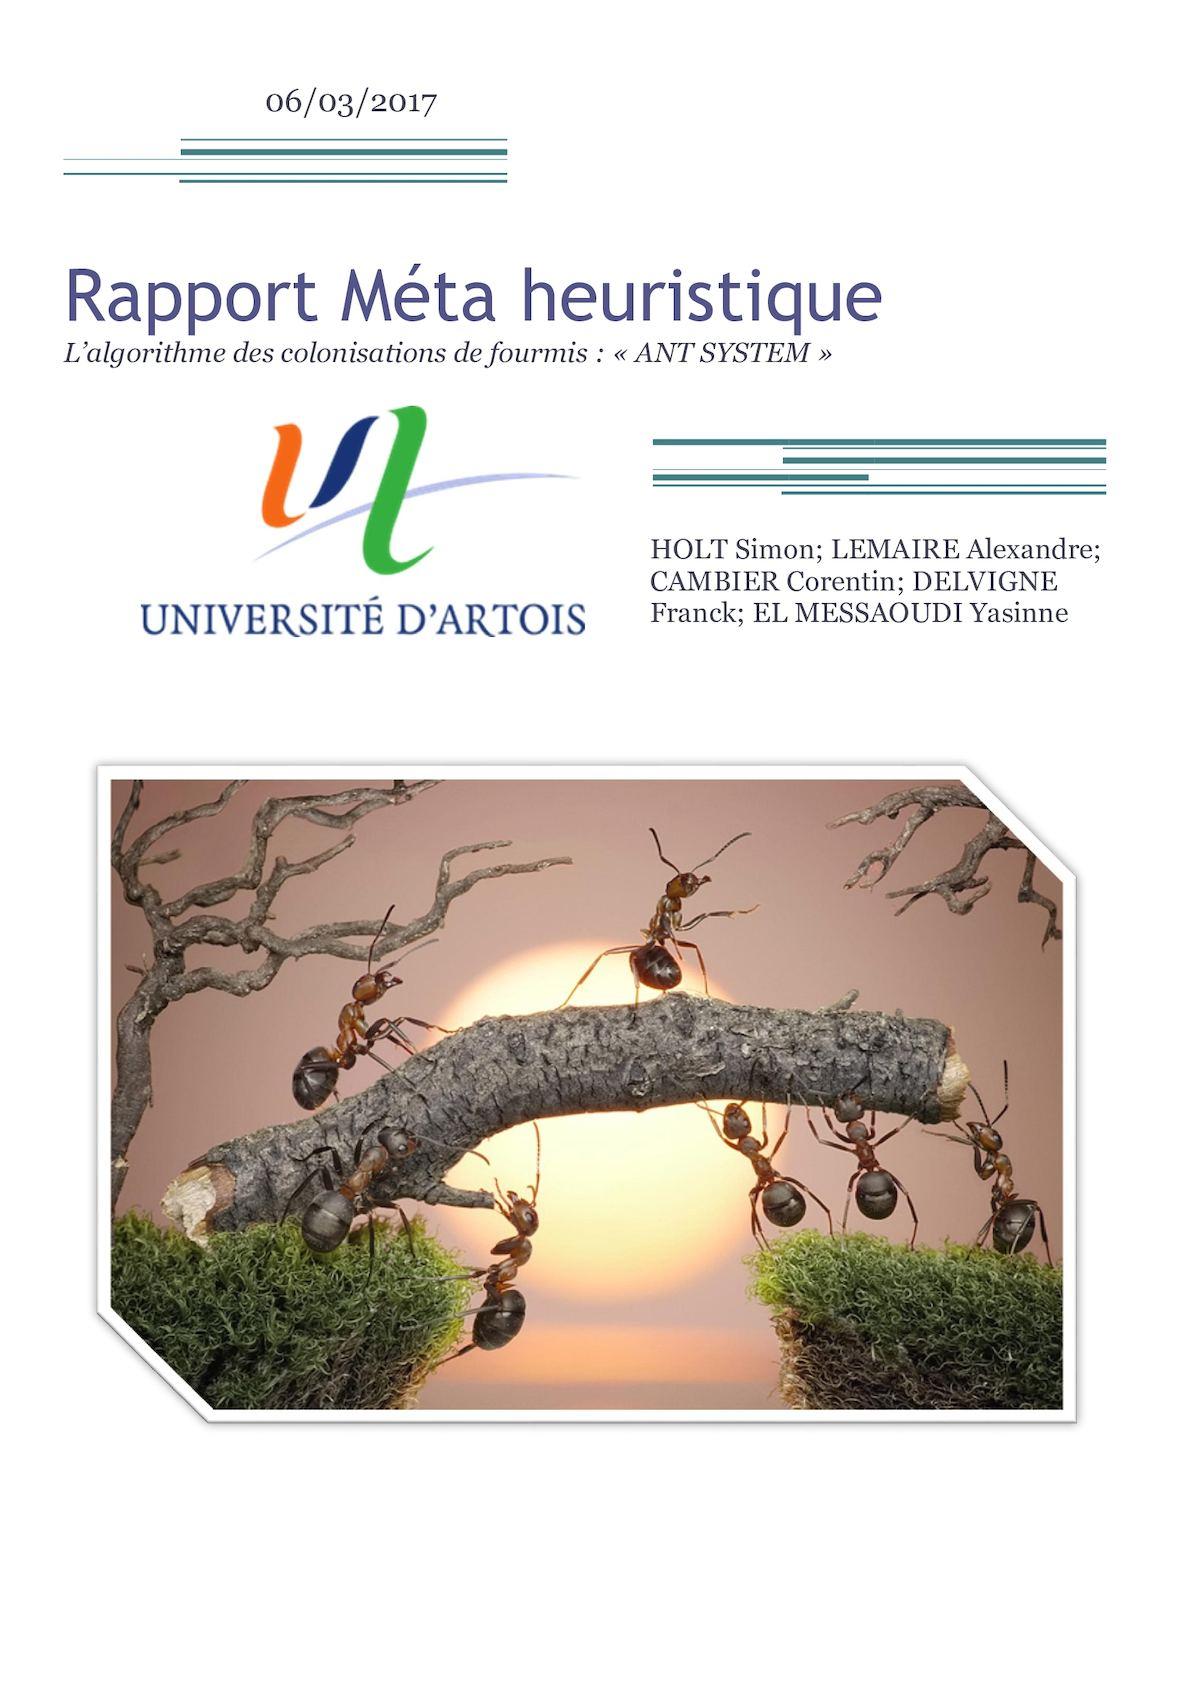 Rapport Méta Heuristique Ant System 2017